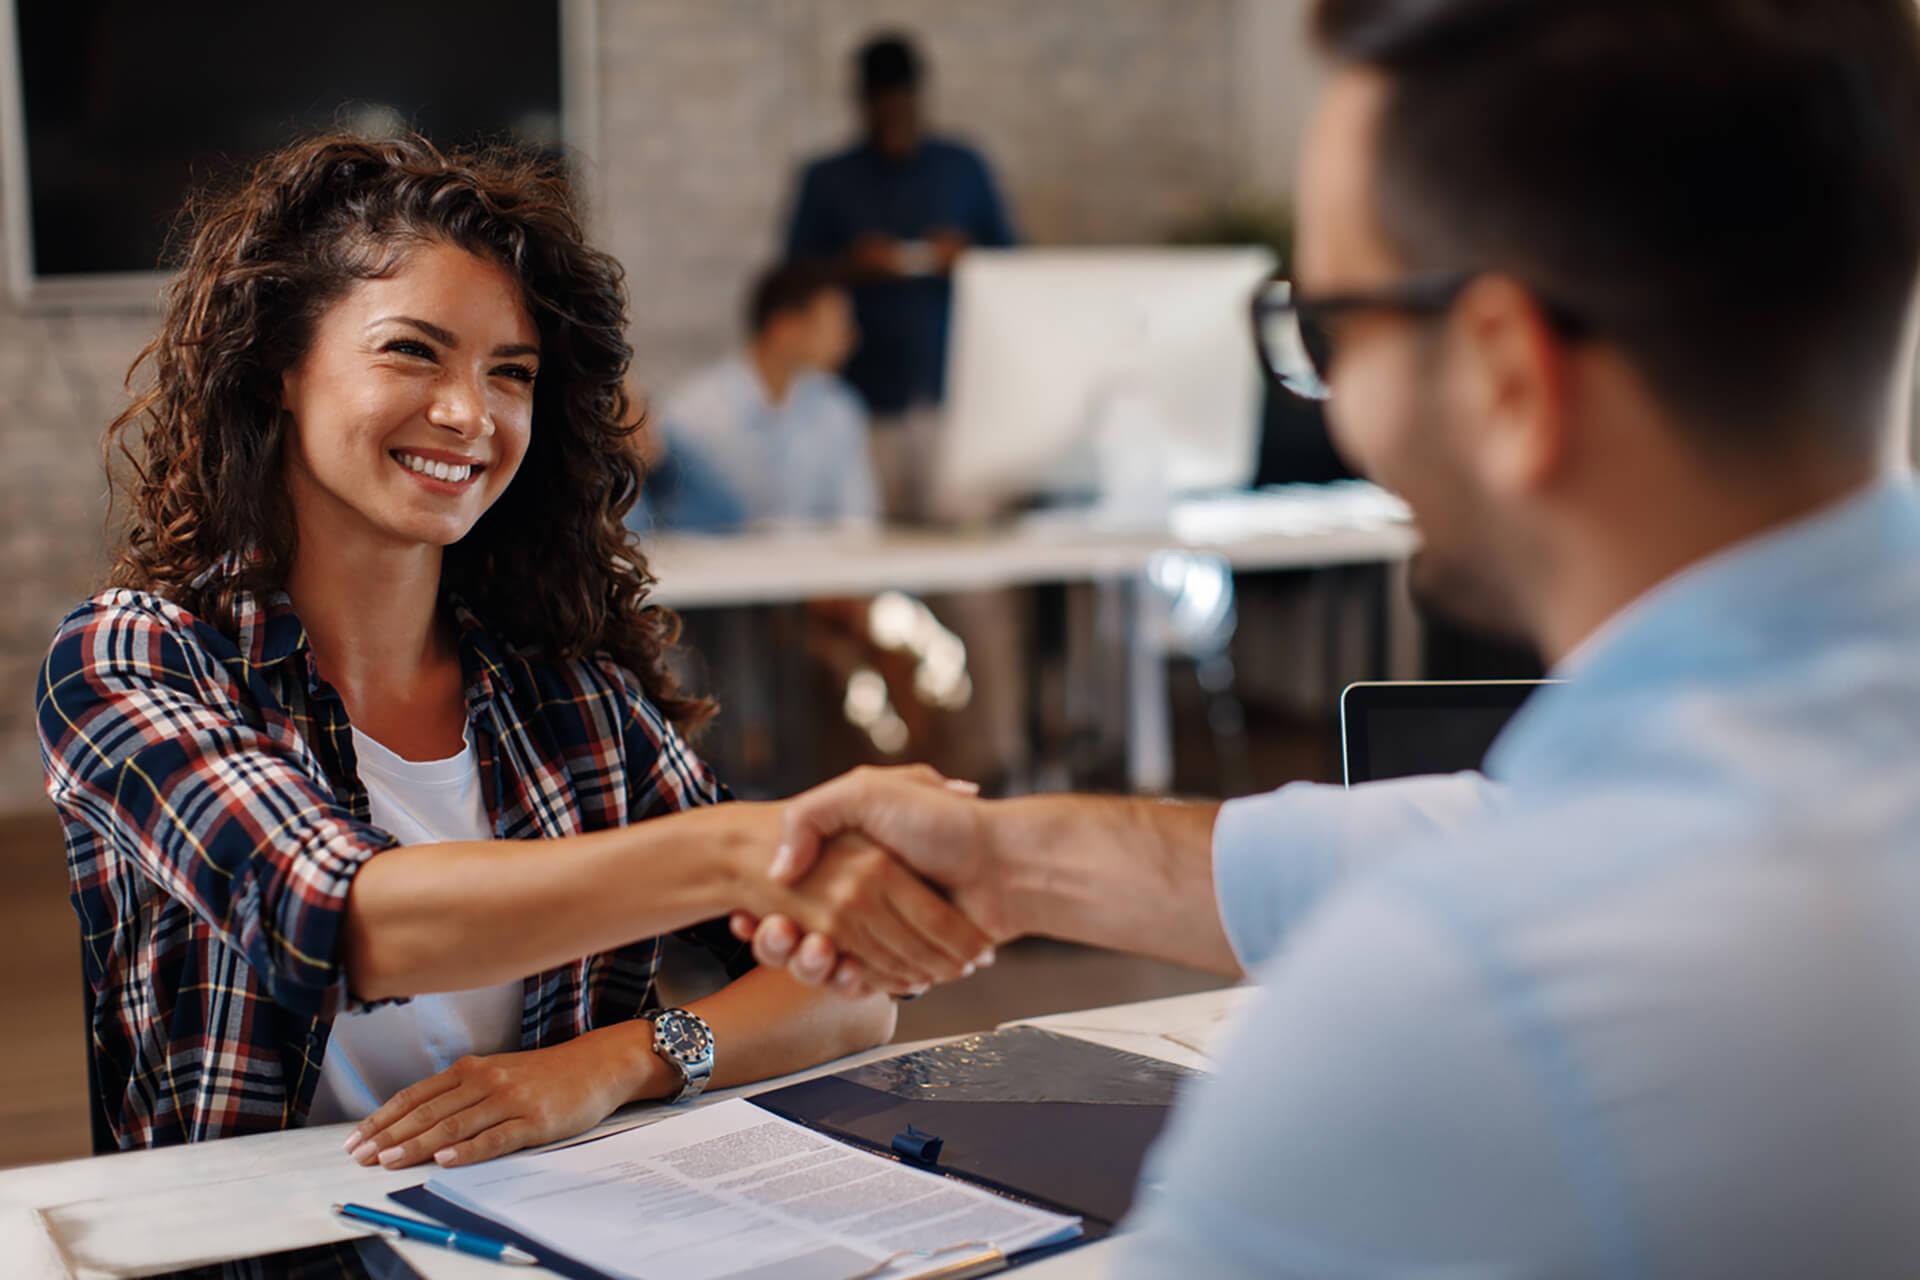 O que é churn e 4 maneiras de reduzir a saída de clientes